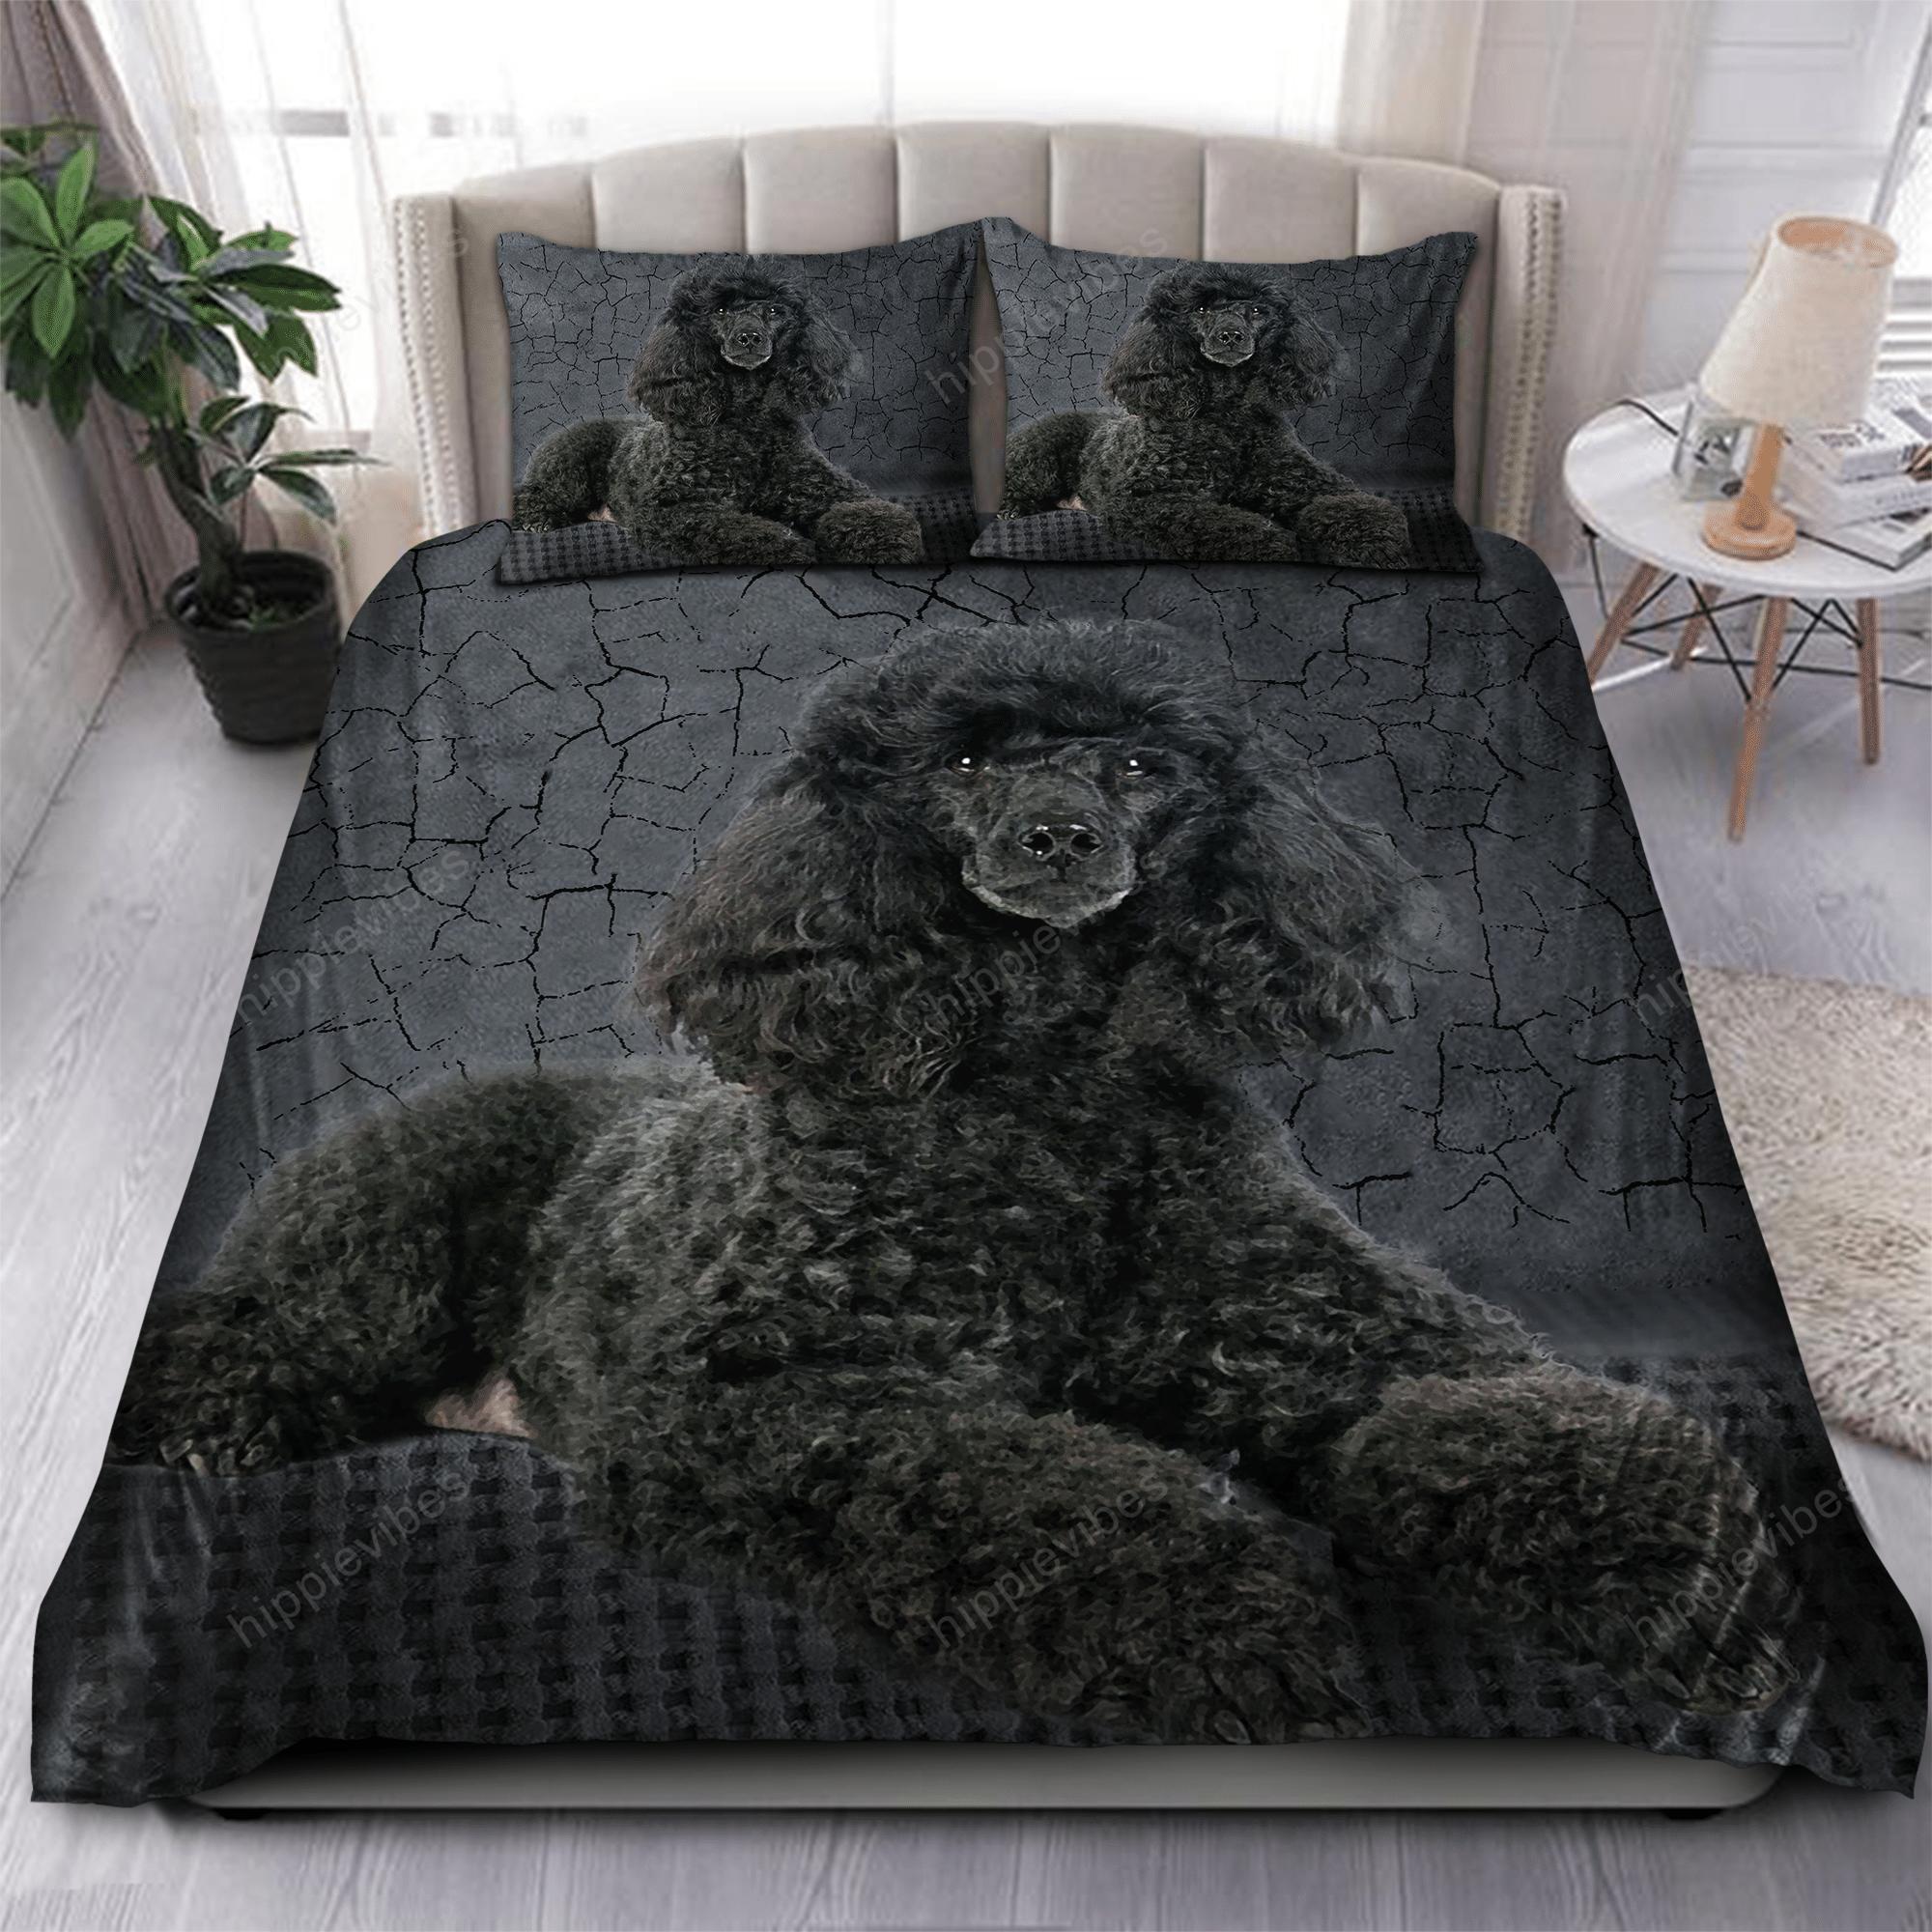 Poodle Black Bedding Set